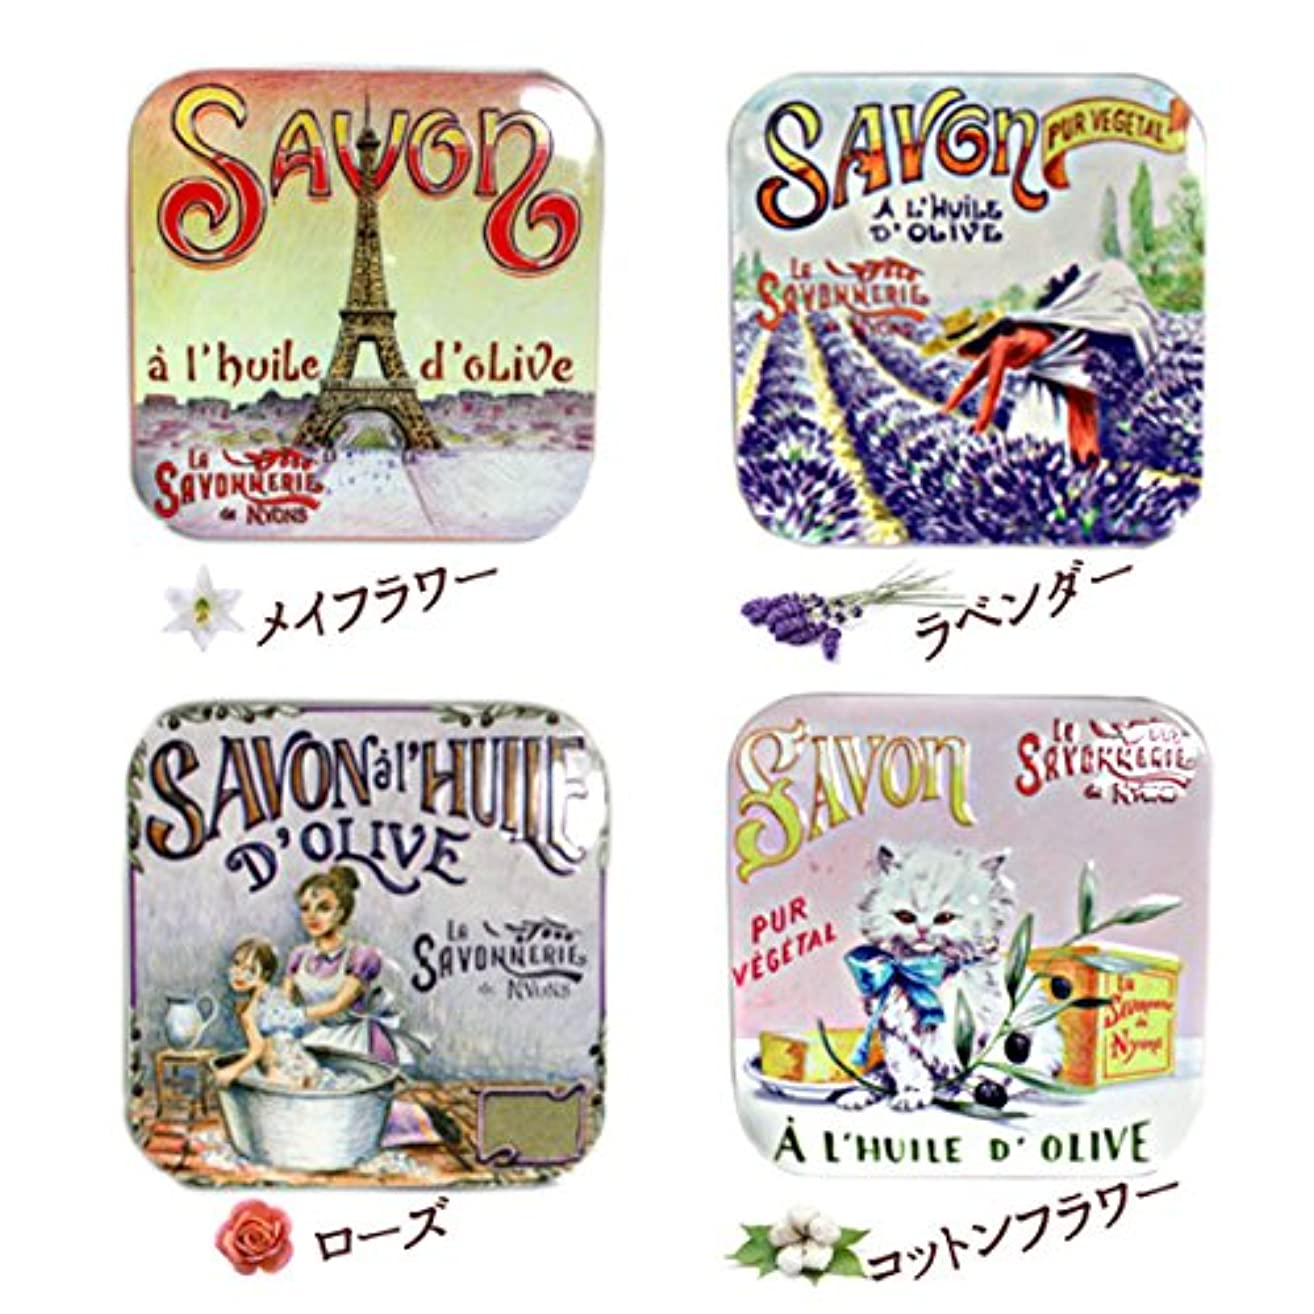 約束する信念気候ラサボネリー アンティーク缶入り石鹸 タイプ100 95g (ローズ)